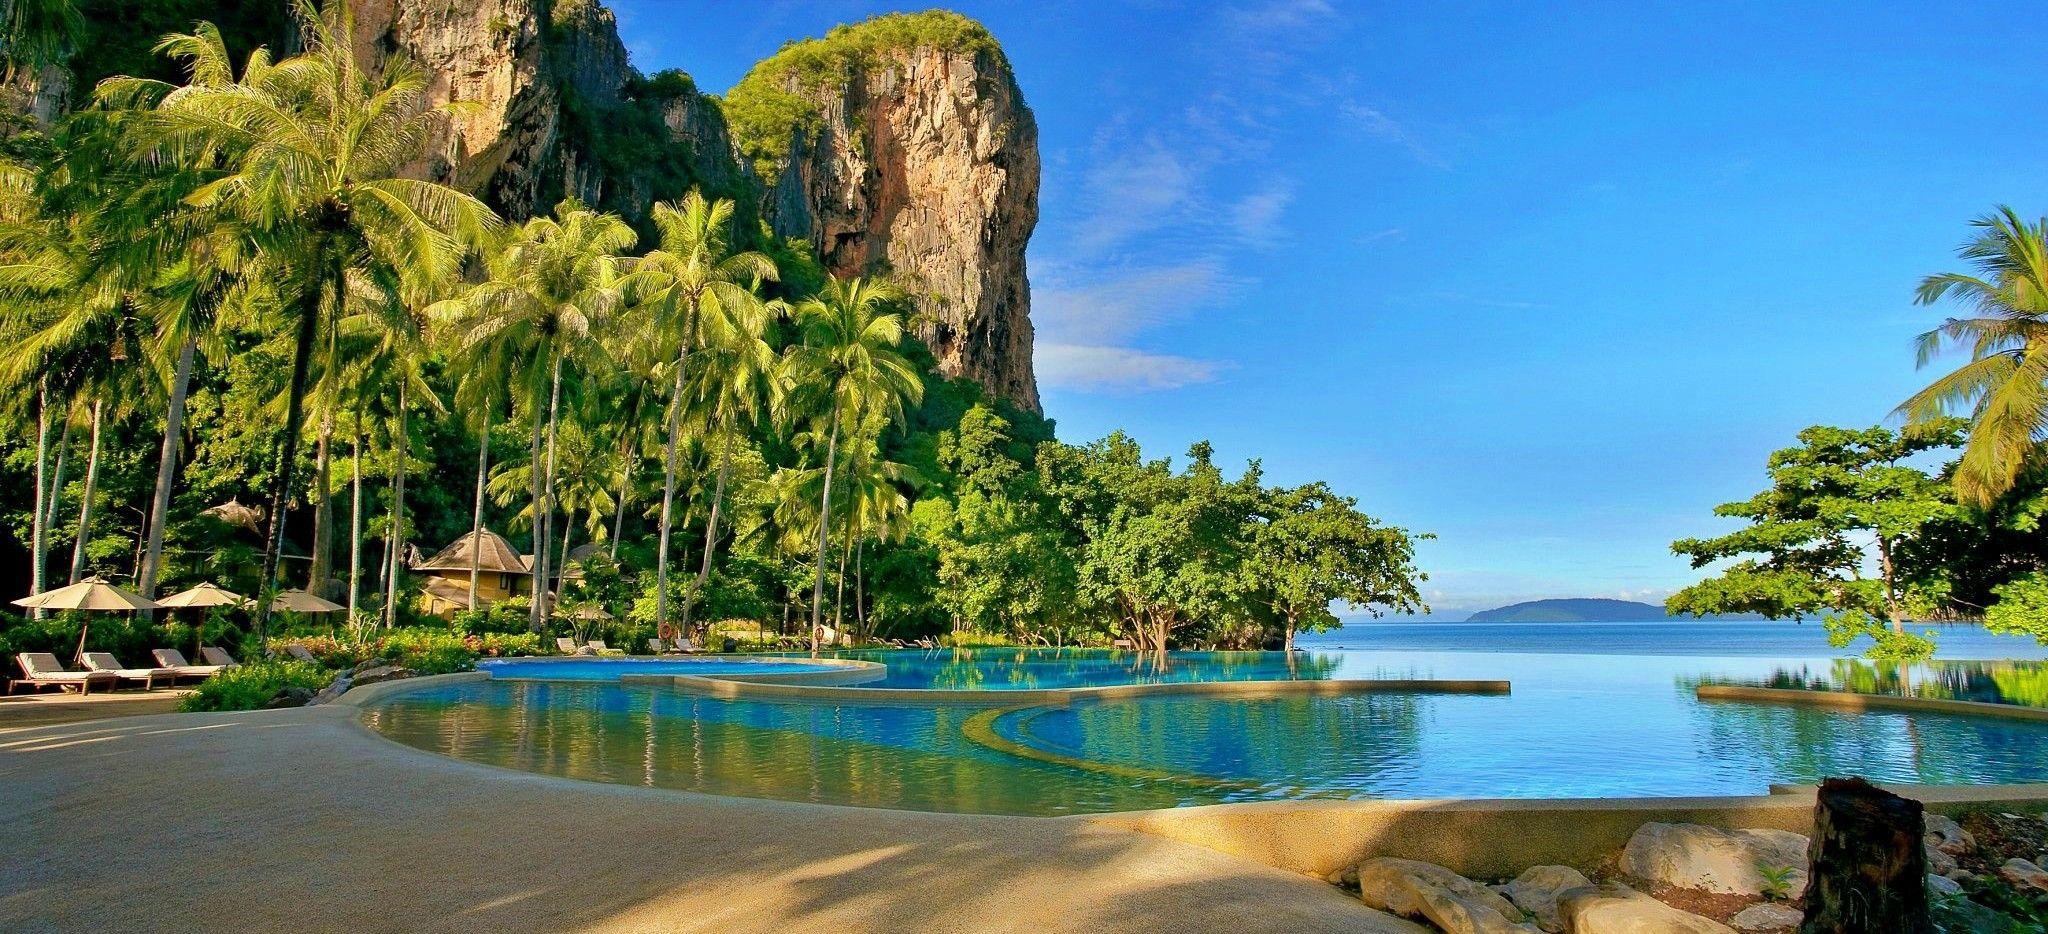 Ein Pool umgeben von Palmen und riesigen Felsen mit Blick auf das Meer